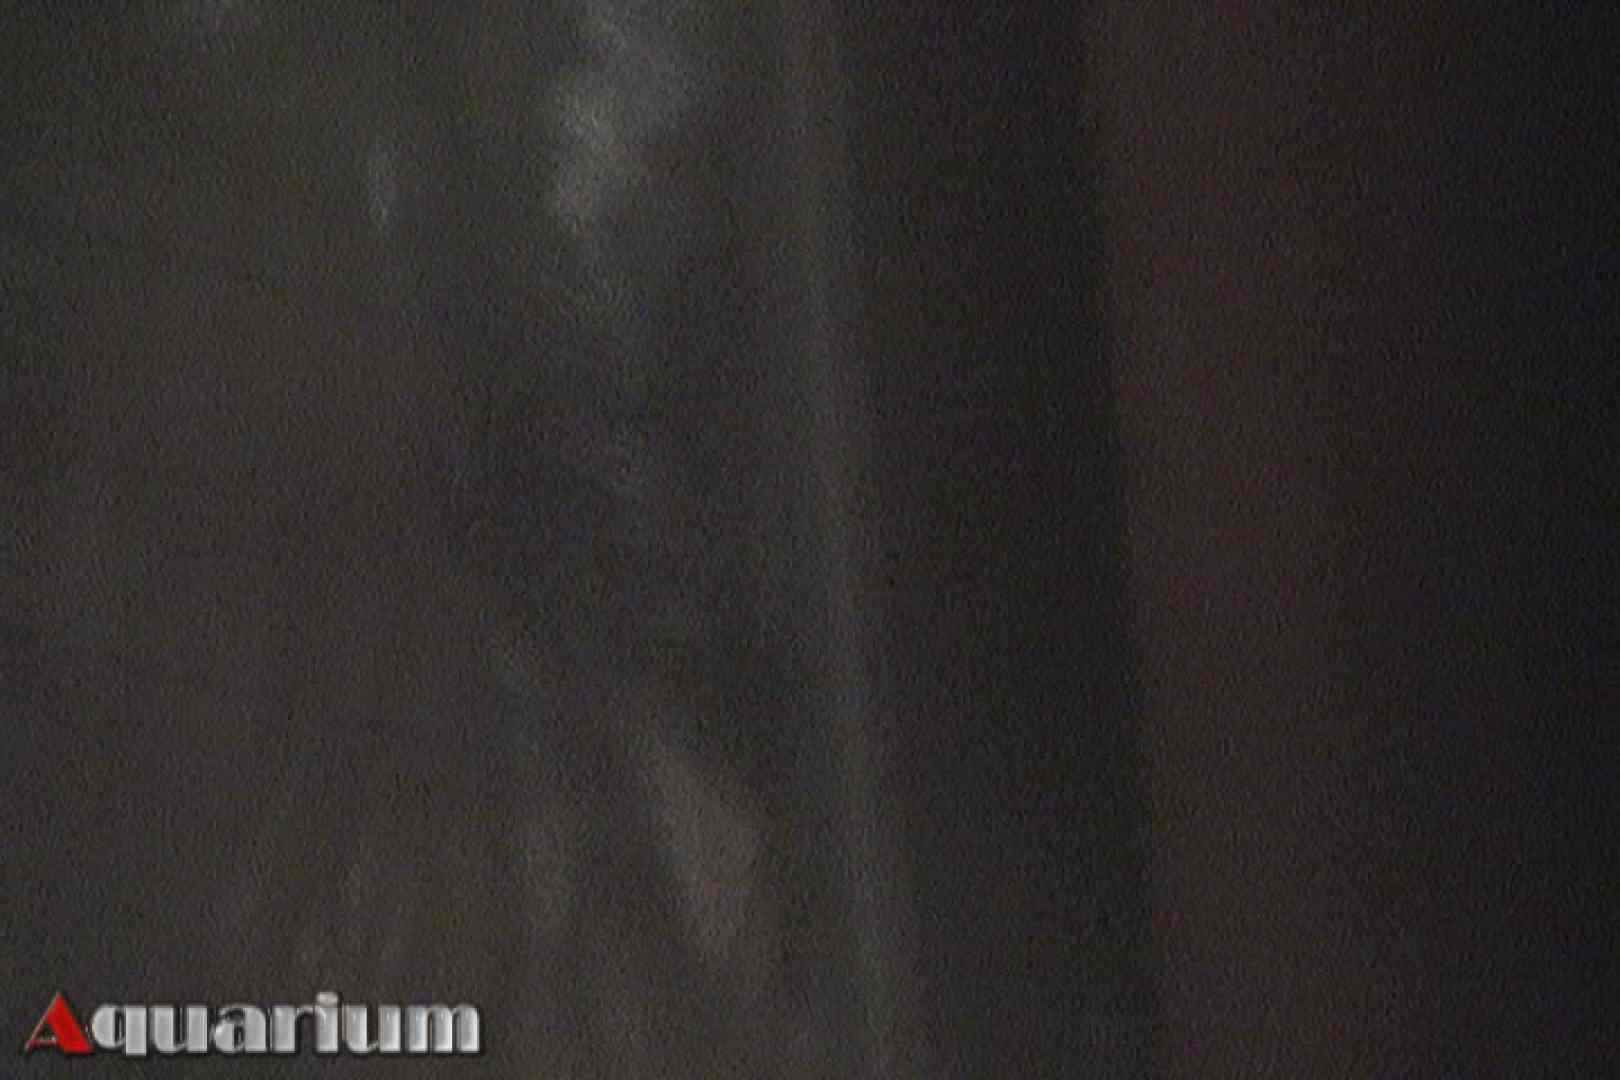 旅館脱衣所お着替え盗撮 Vol.01 脱衣所  49pic 36